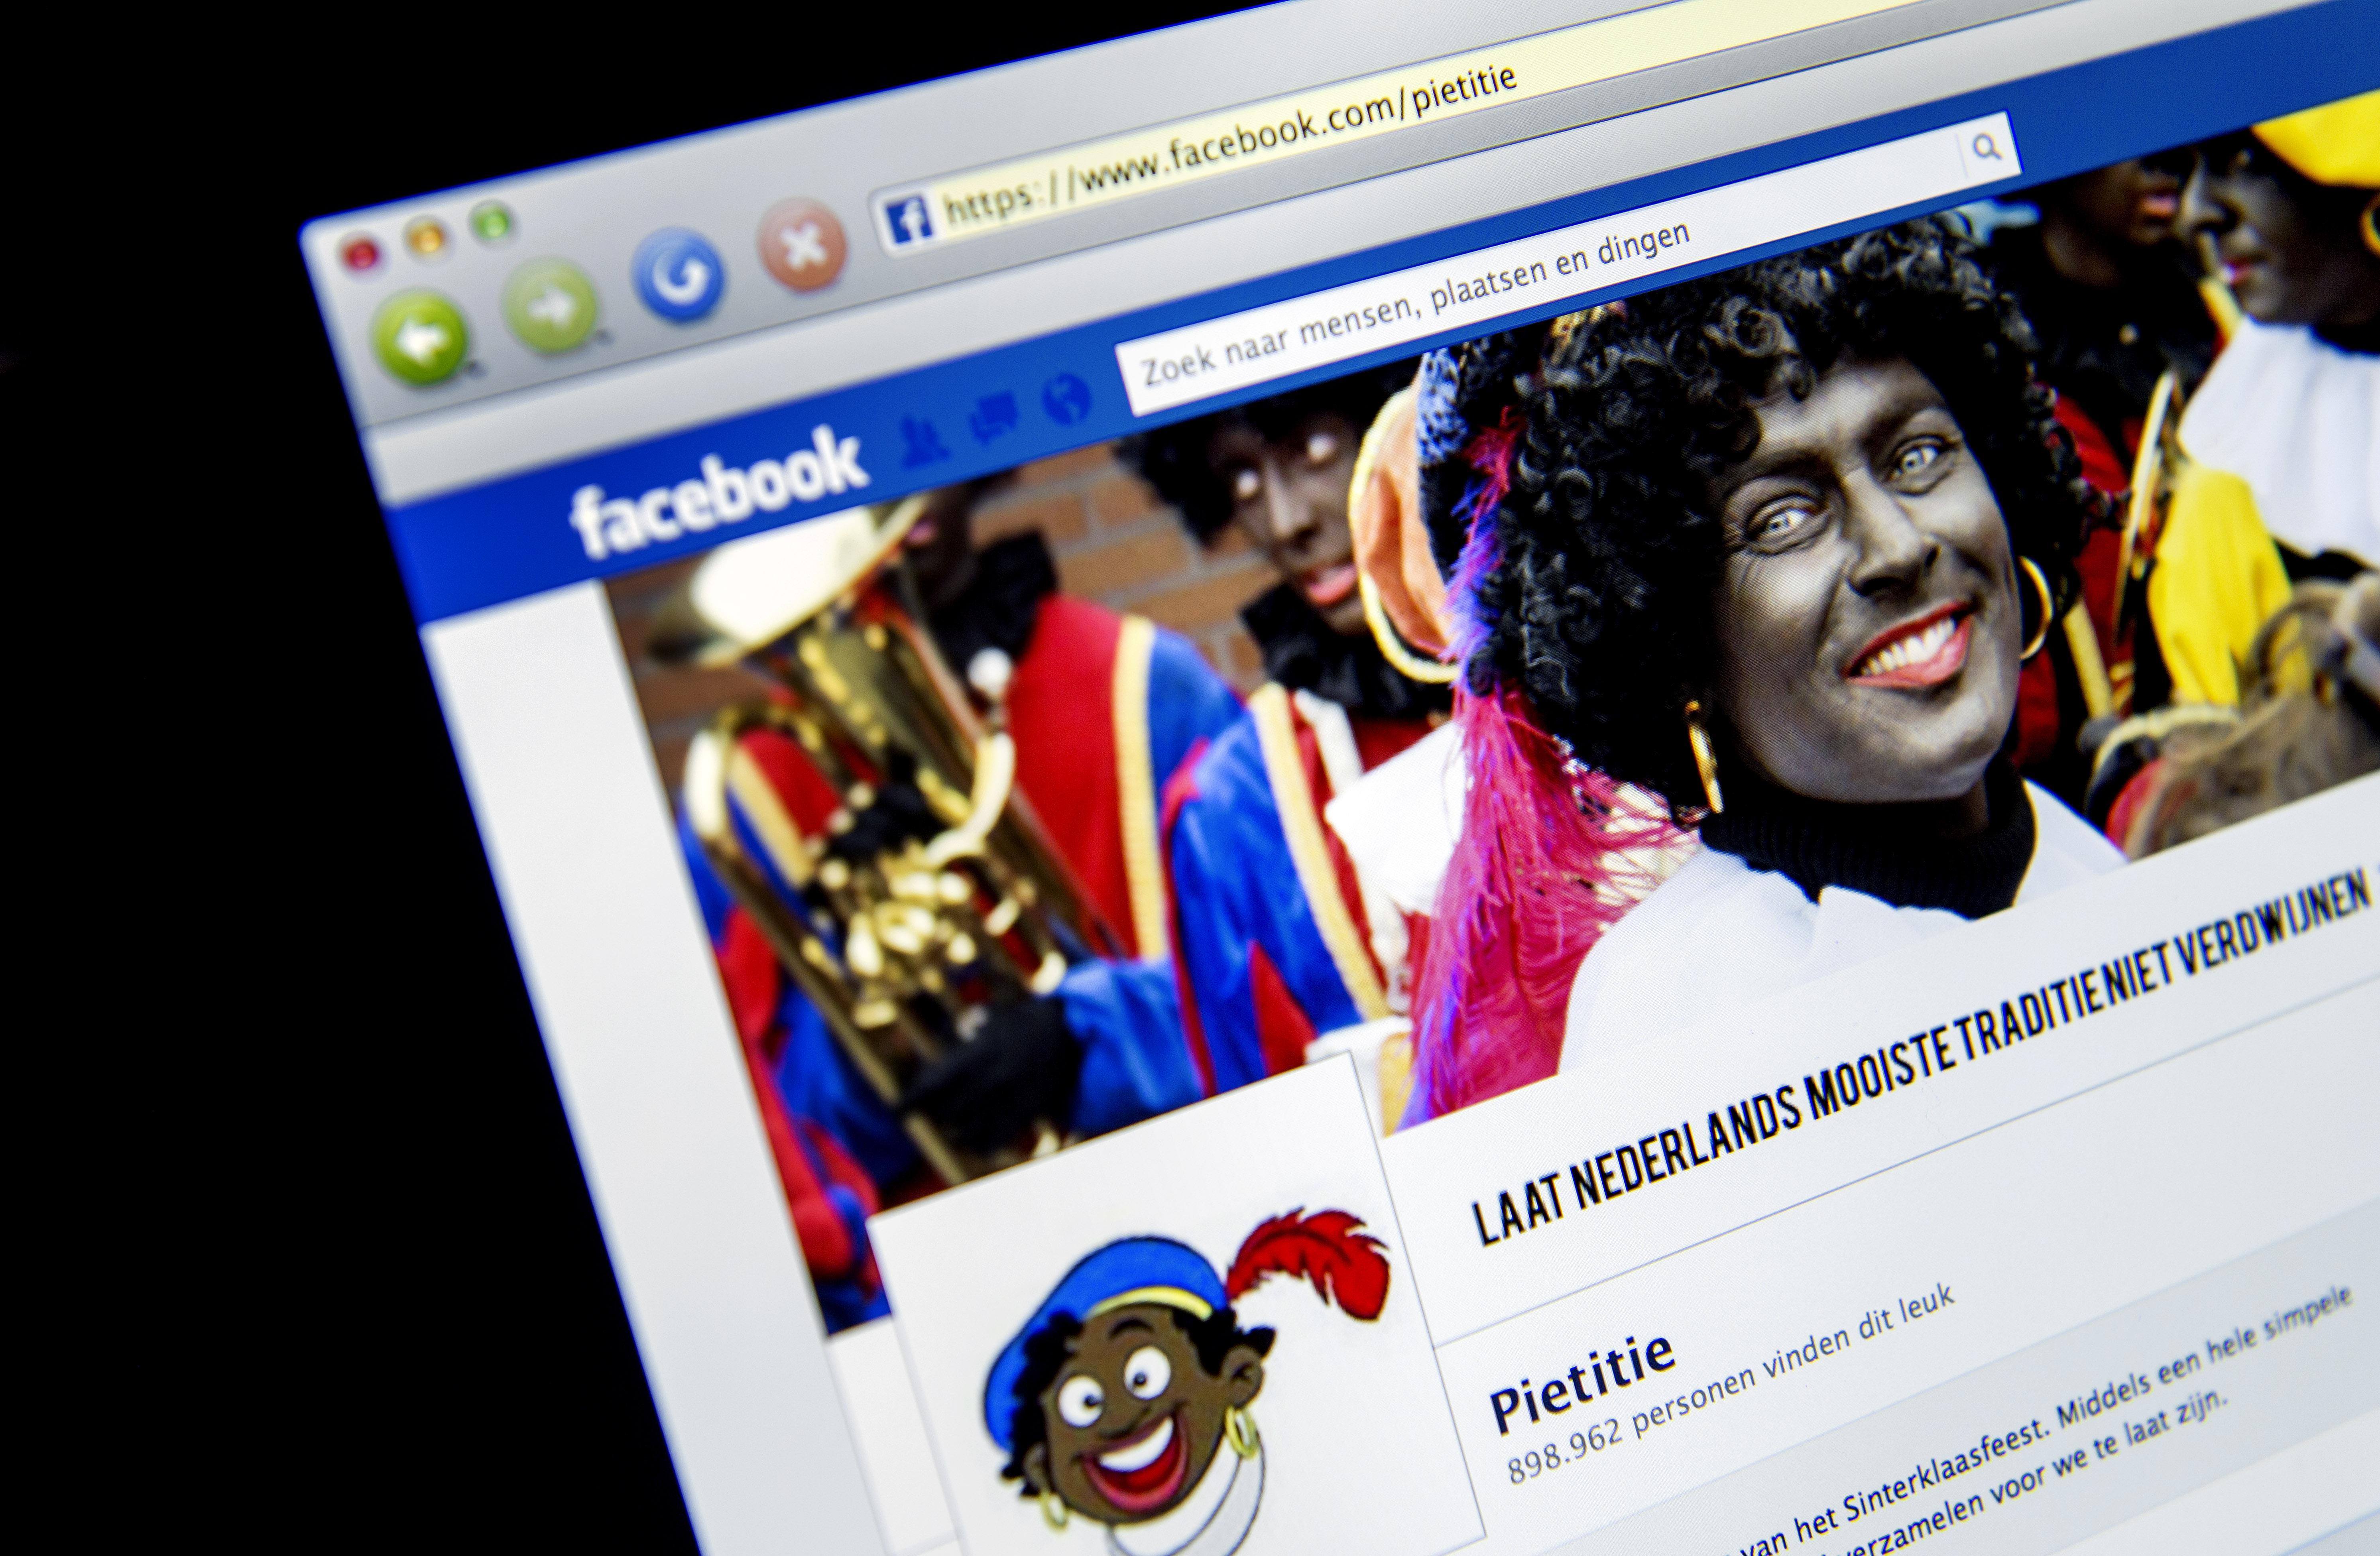 Wisselende stemming bij Sinterklaas op nieuws dat Facebook Zwarte Piet in ban doet